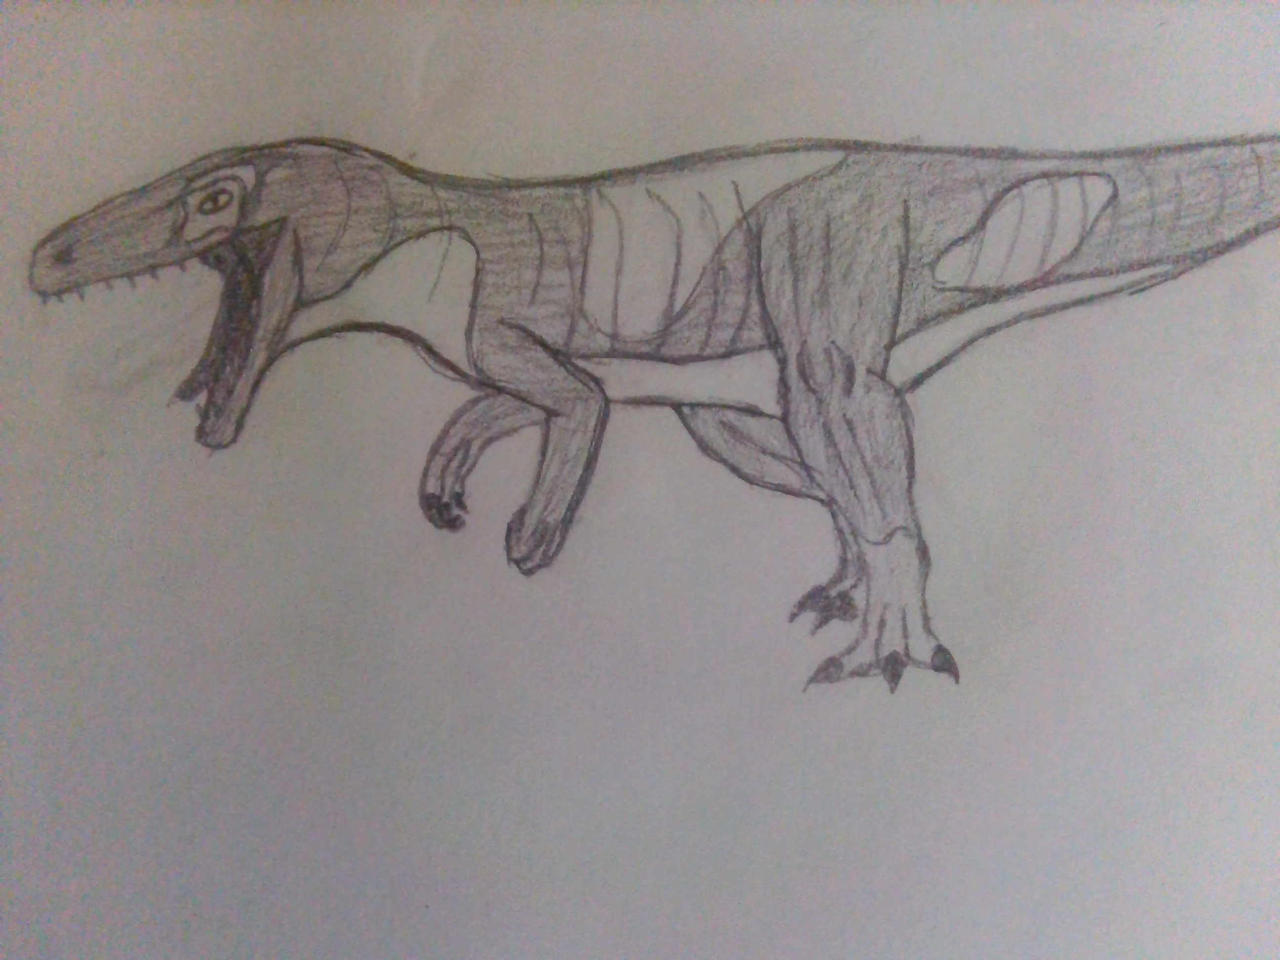 Eustreptospondylus oxoniensis aka Spot